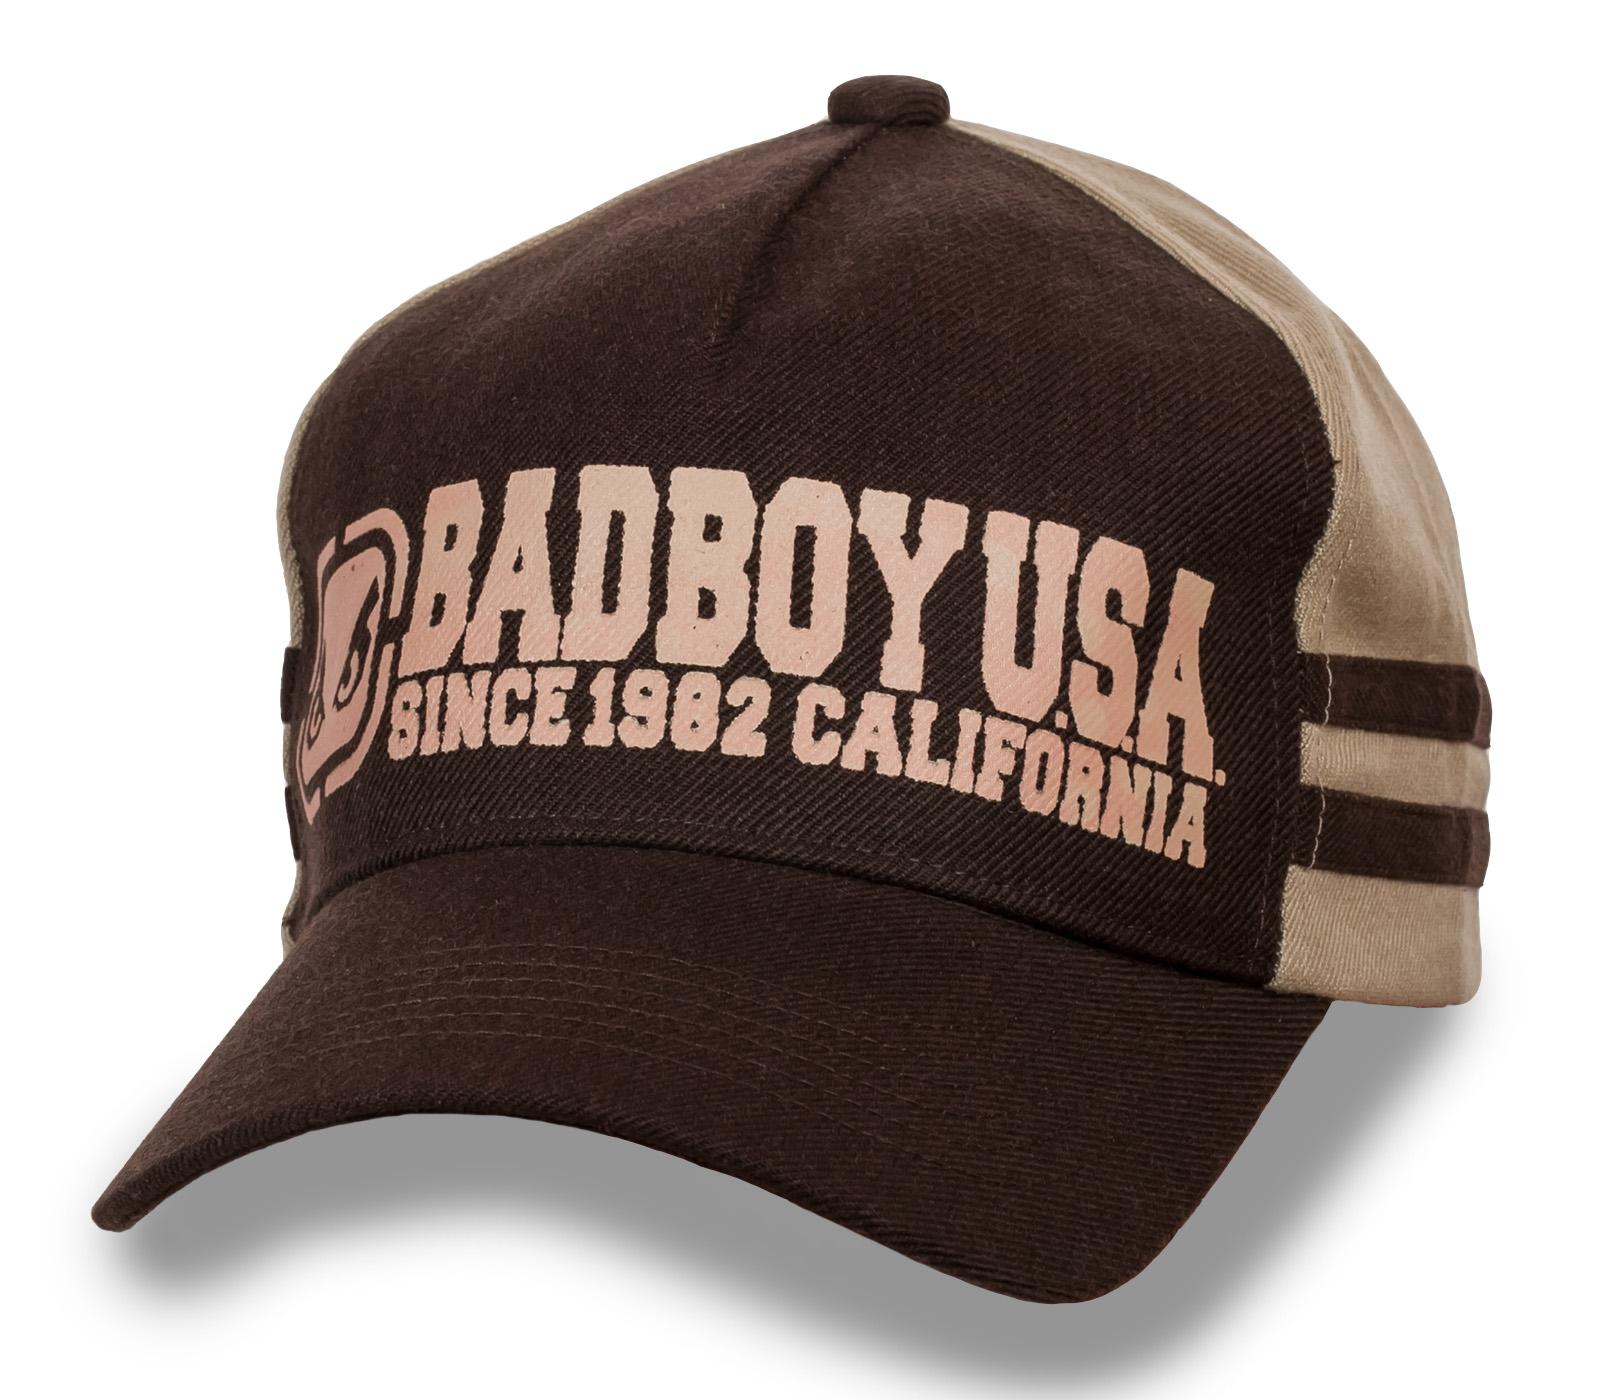 Хлопковая детская кепка BAD BOY.